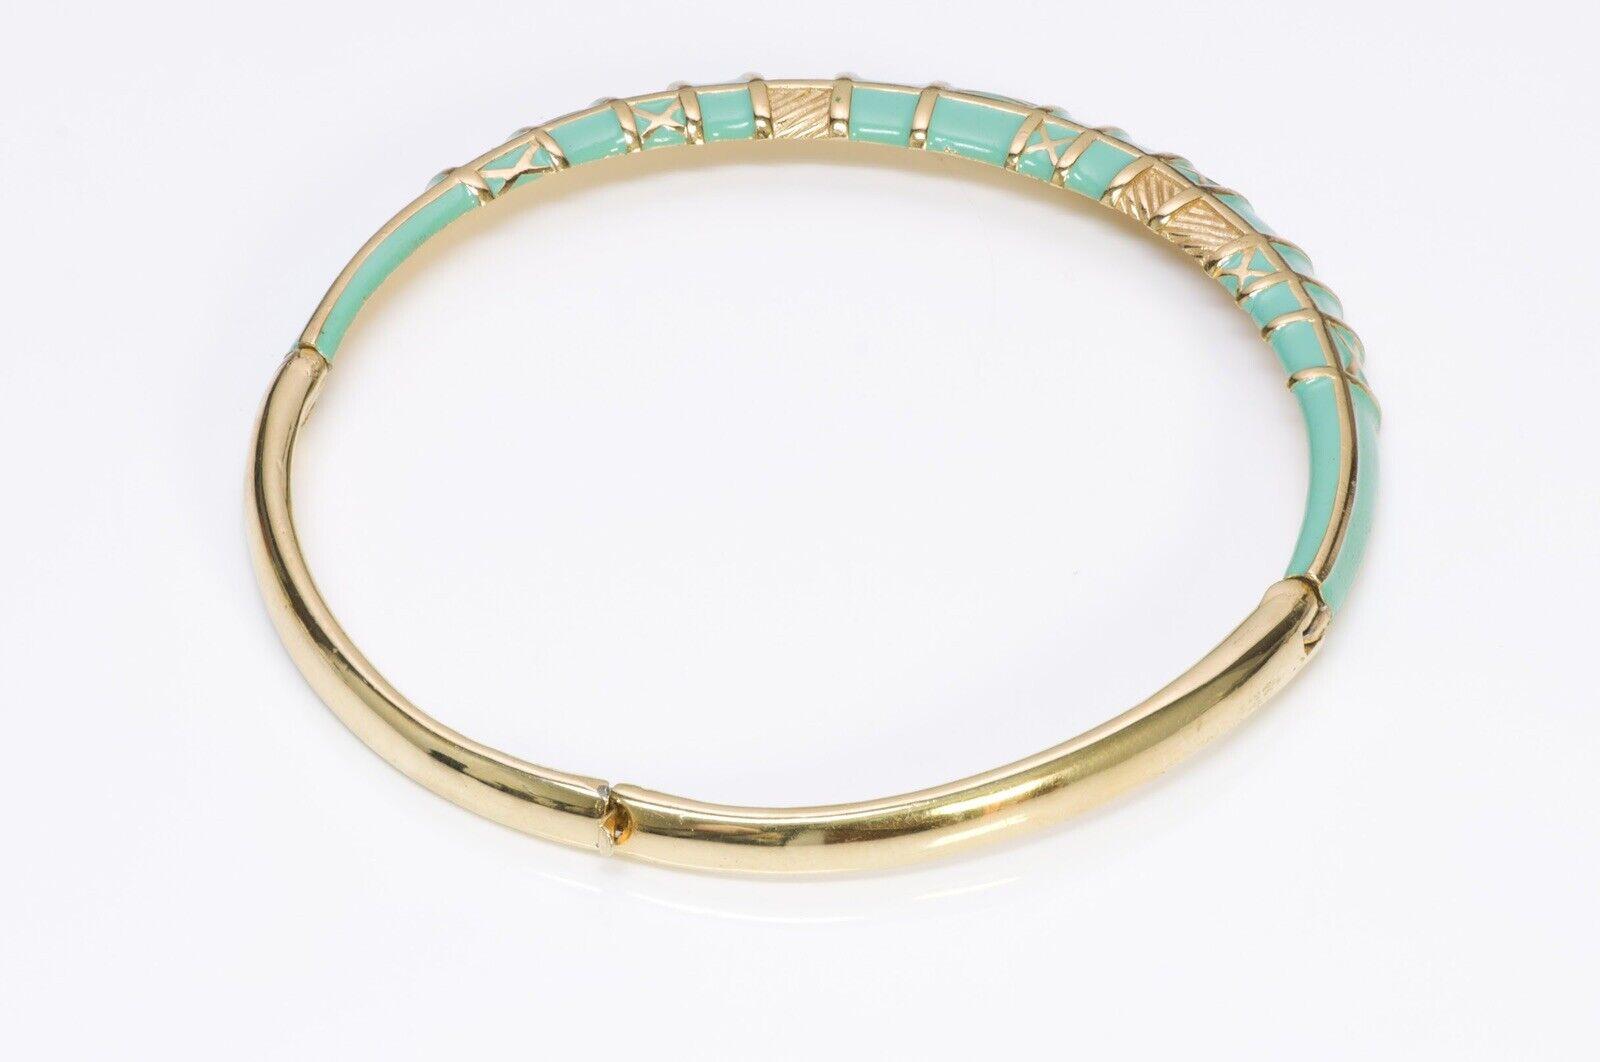 LANVIN Paris 1970's Green Enamel Choker Necklace - image 3